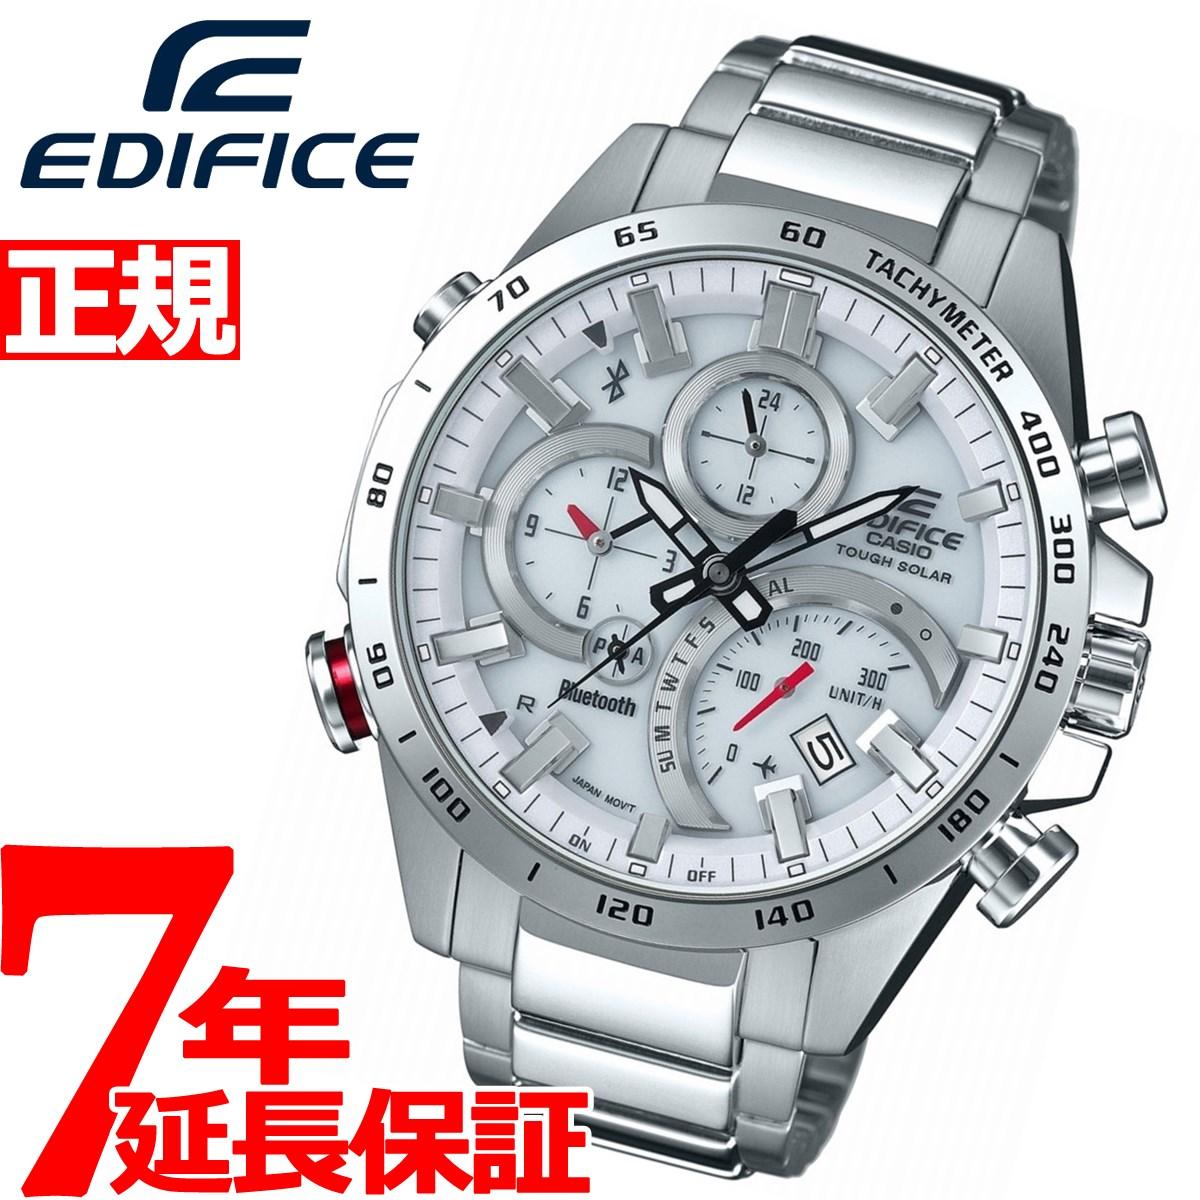 【お買い物マラソンは当店がお得♪本日20より!】カシオ エディフィス CASIO EDIFICE Bluetooth ブルートゥース 対応 ソーラー 腕時計 メンズ EQB-501XD-7AJF【2018 新作】